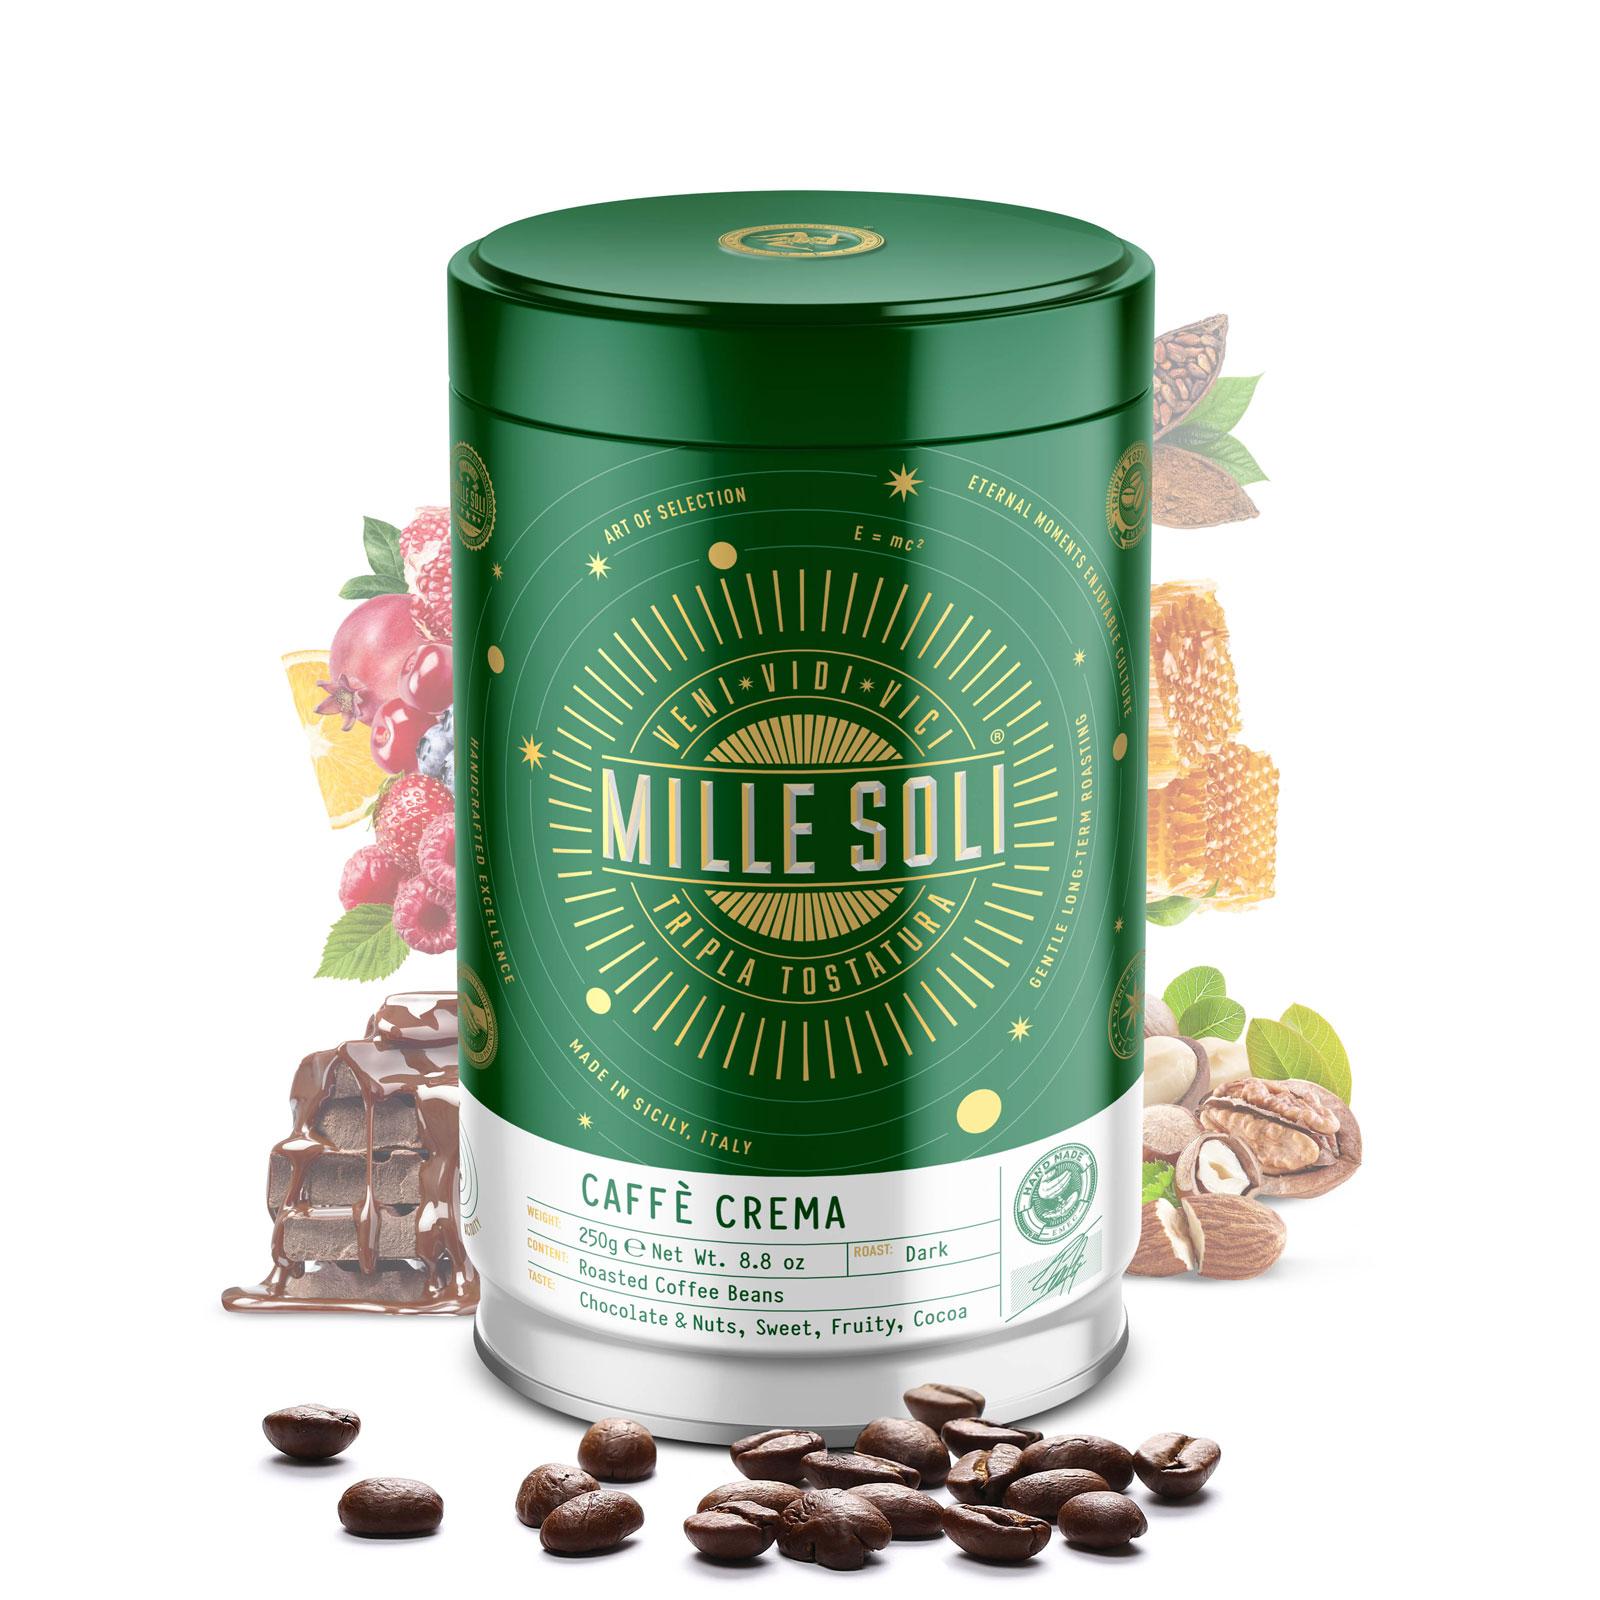 MILLE SOLI - Caffè Crema - 250g - Bohnen